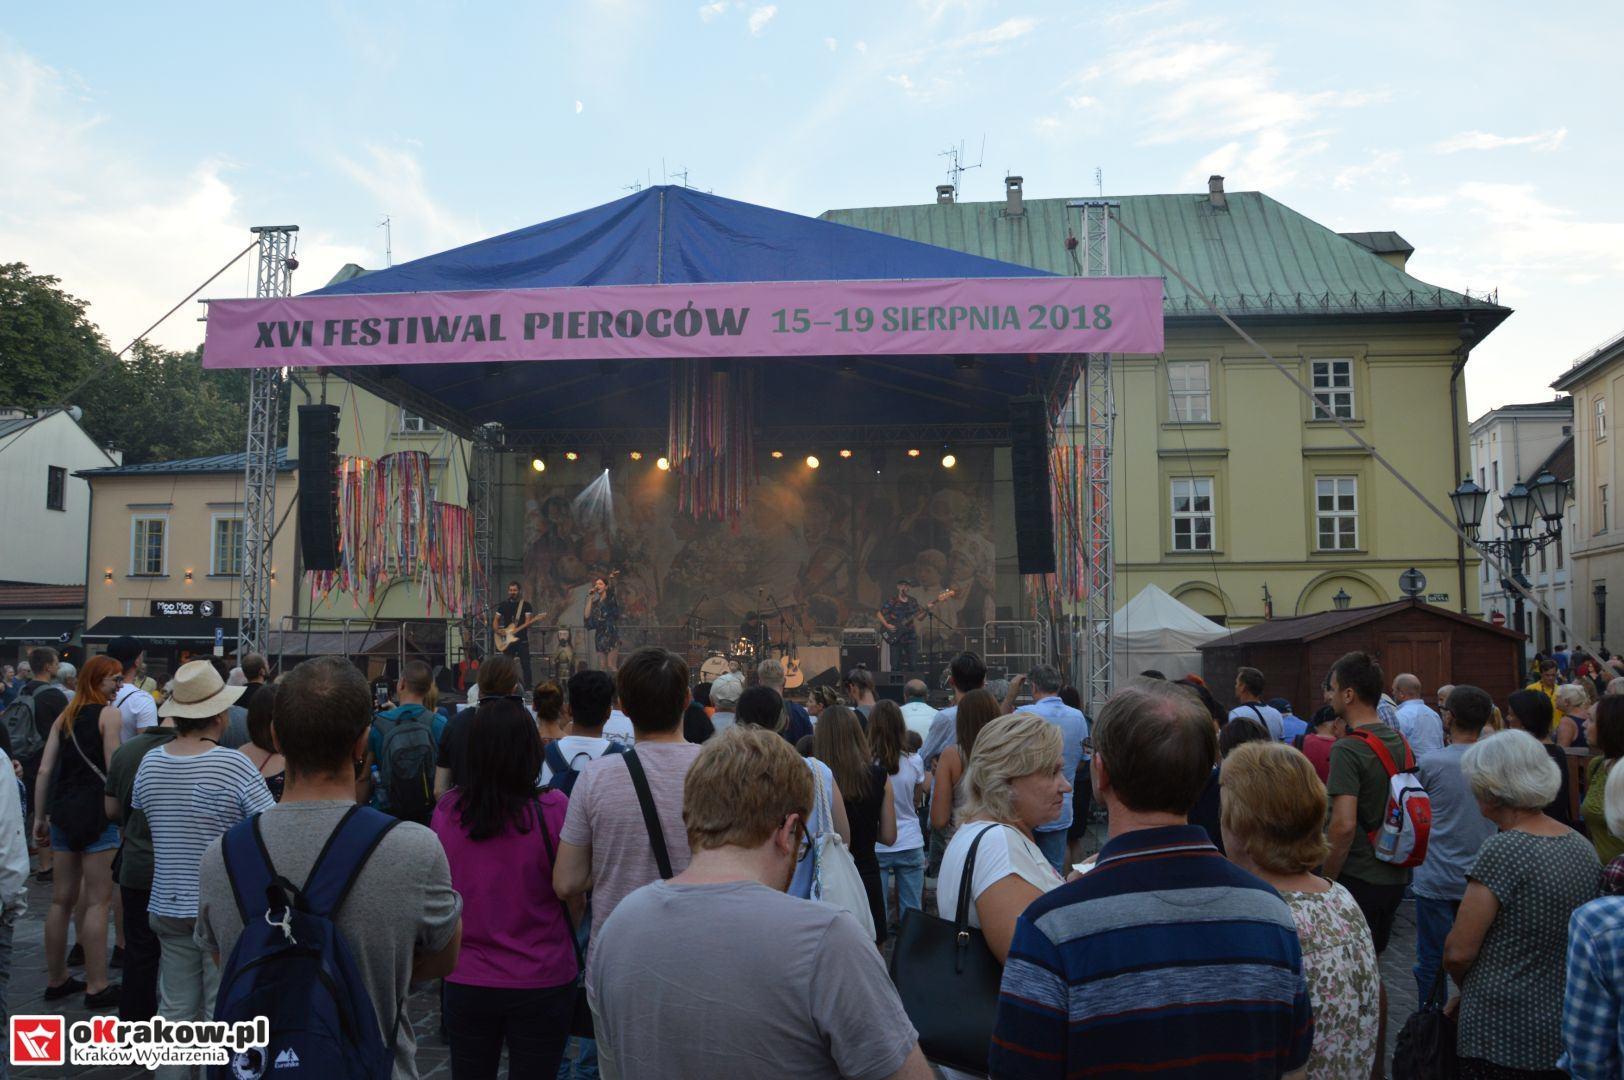 krakow festiwal pierogow maly rynek koncert cheap tobacco 144 150x150 - Galeria zdjęć Festiwal Pierogów Kraków 2018 + zdjęcia z koncertu Cheap Tobacco